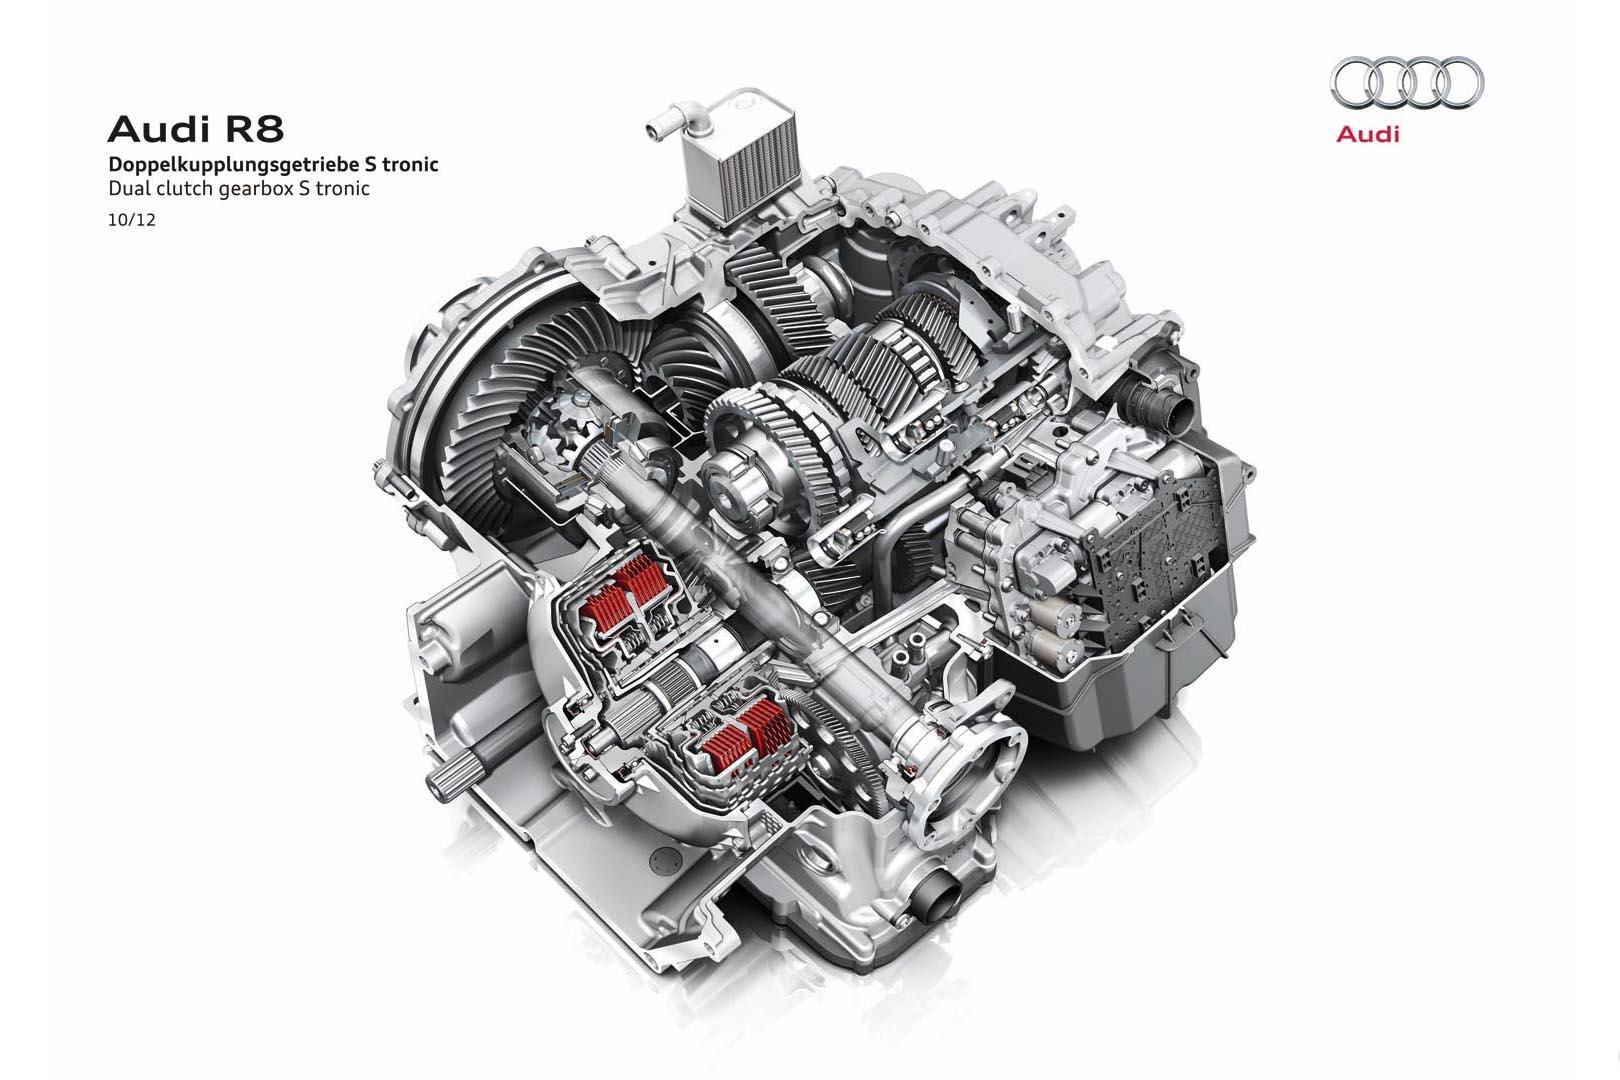 2013 audi r8 dsg autos ca saturn parts diagram